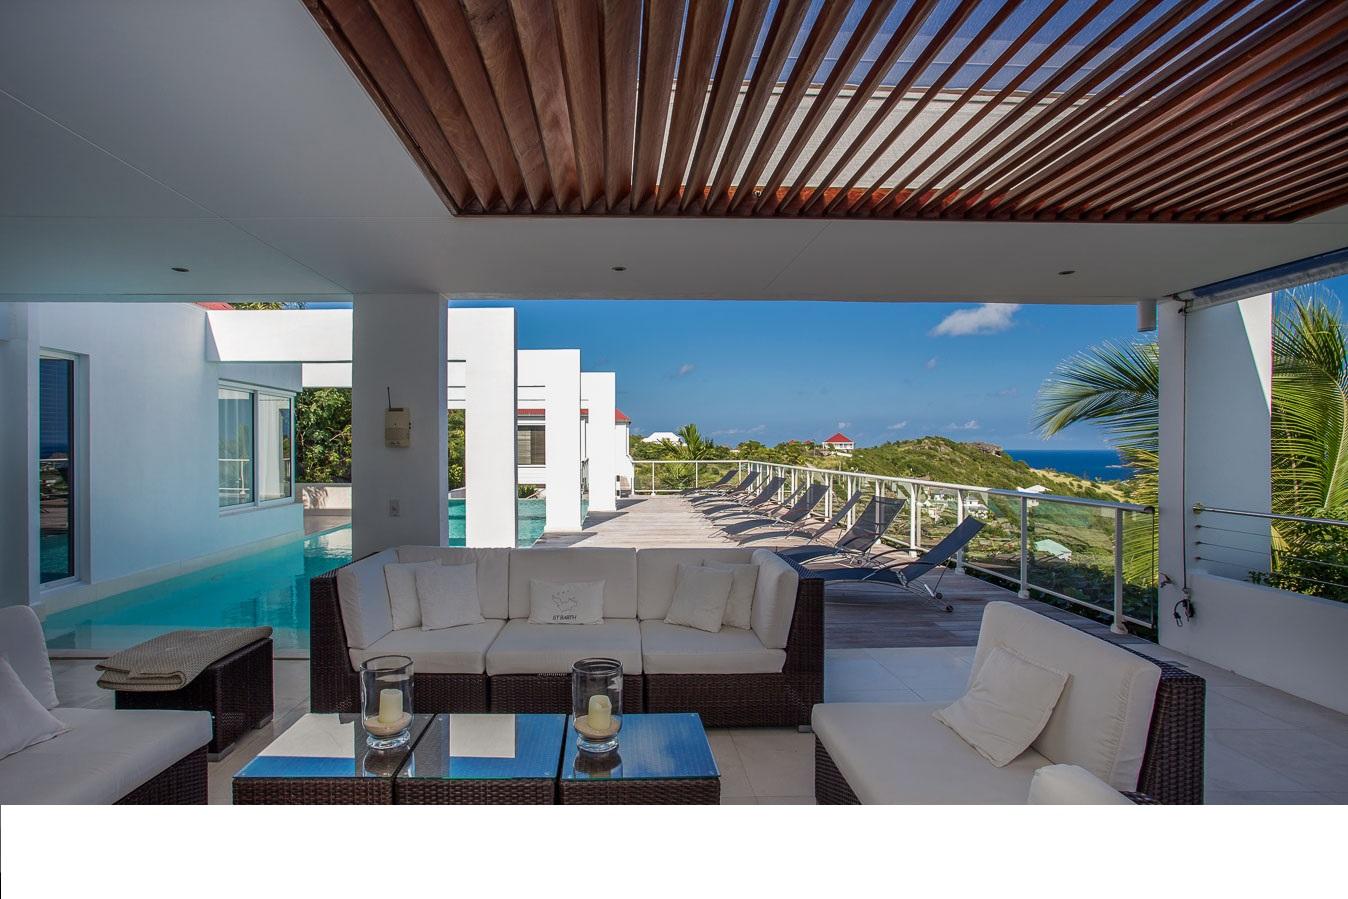 Location vacances st barth l my villa de luxe st barth avec for Location luxe vacances